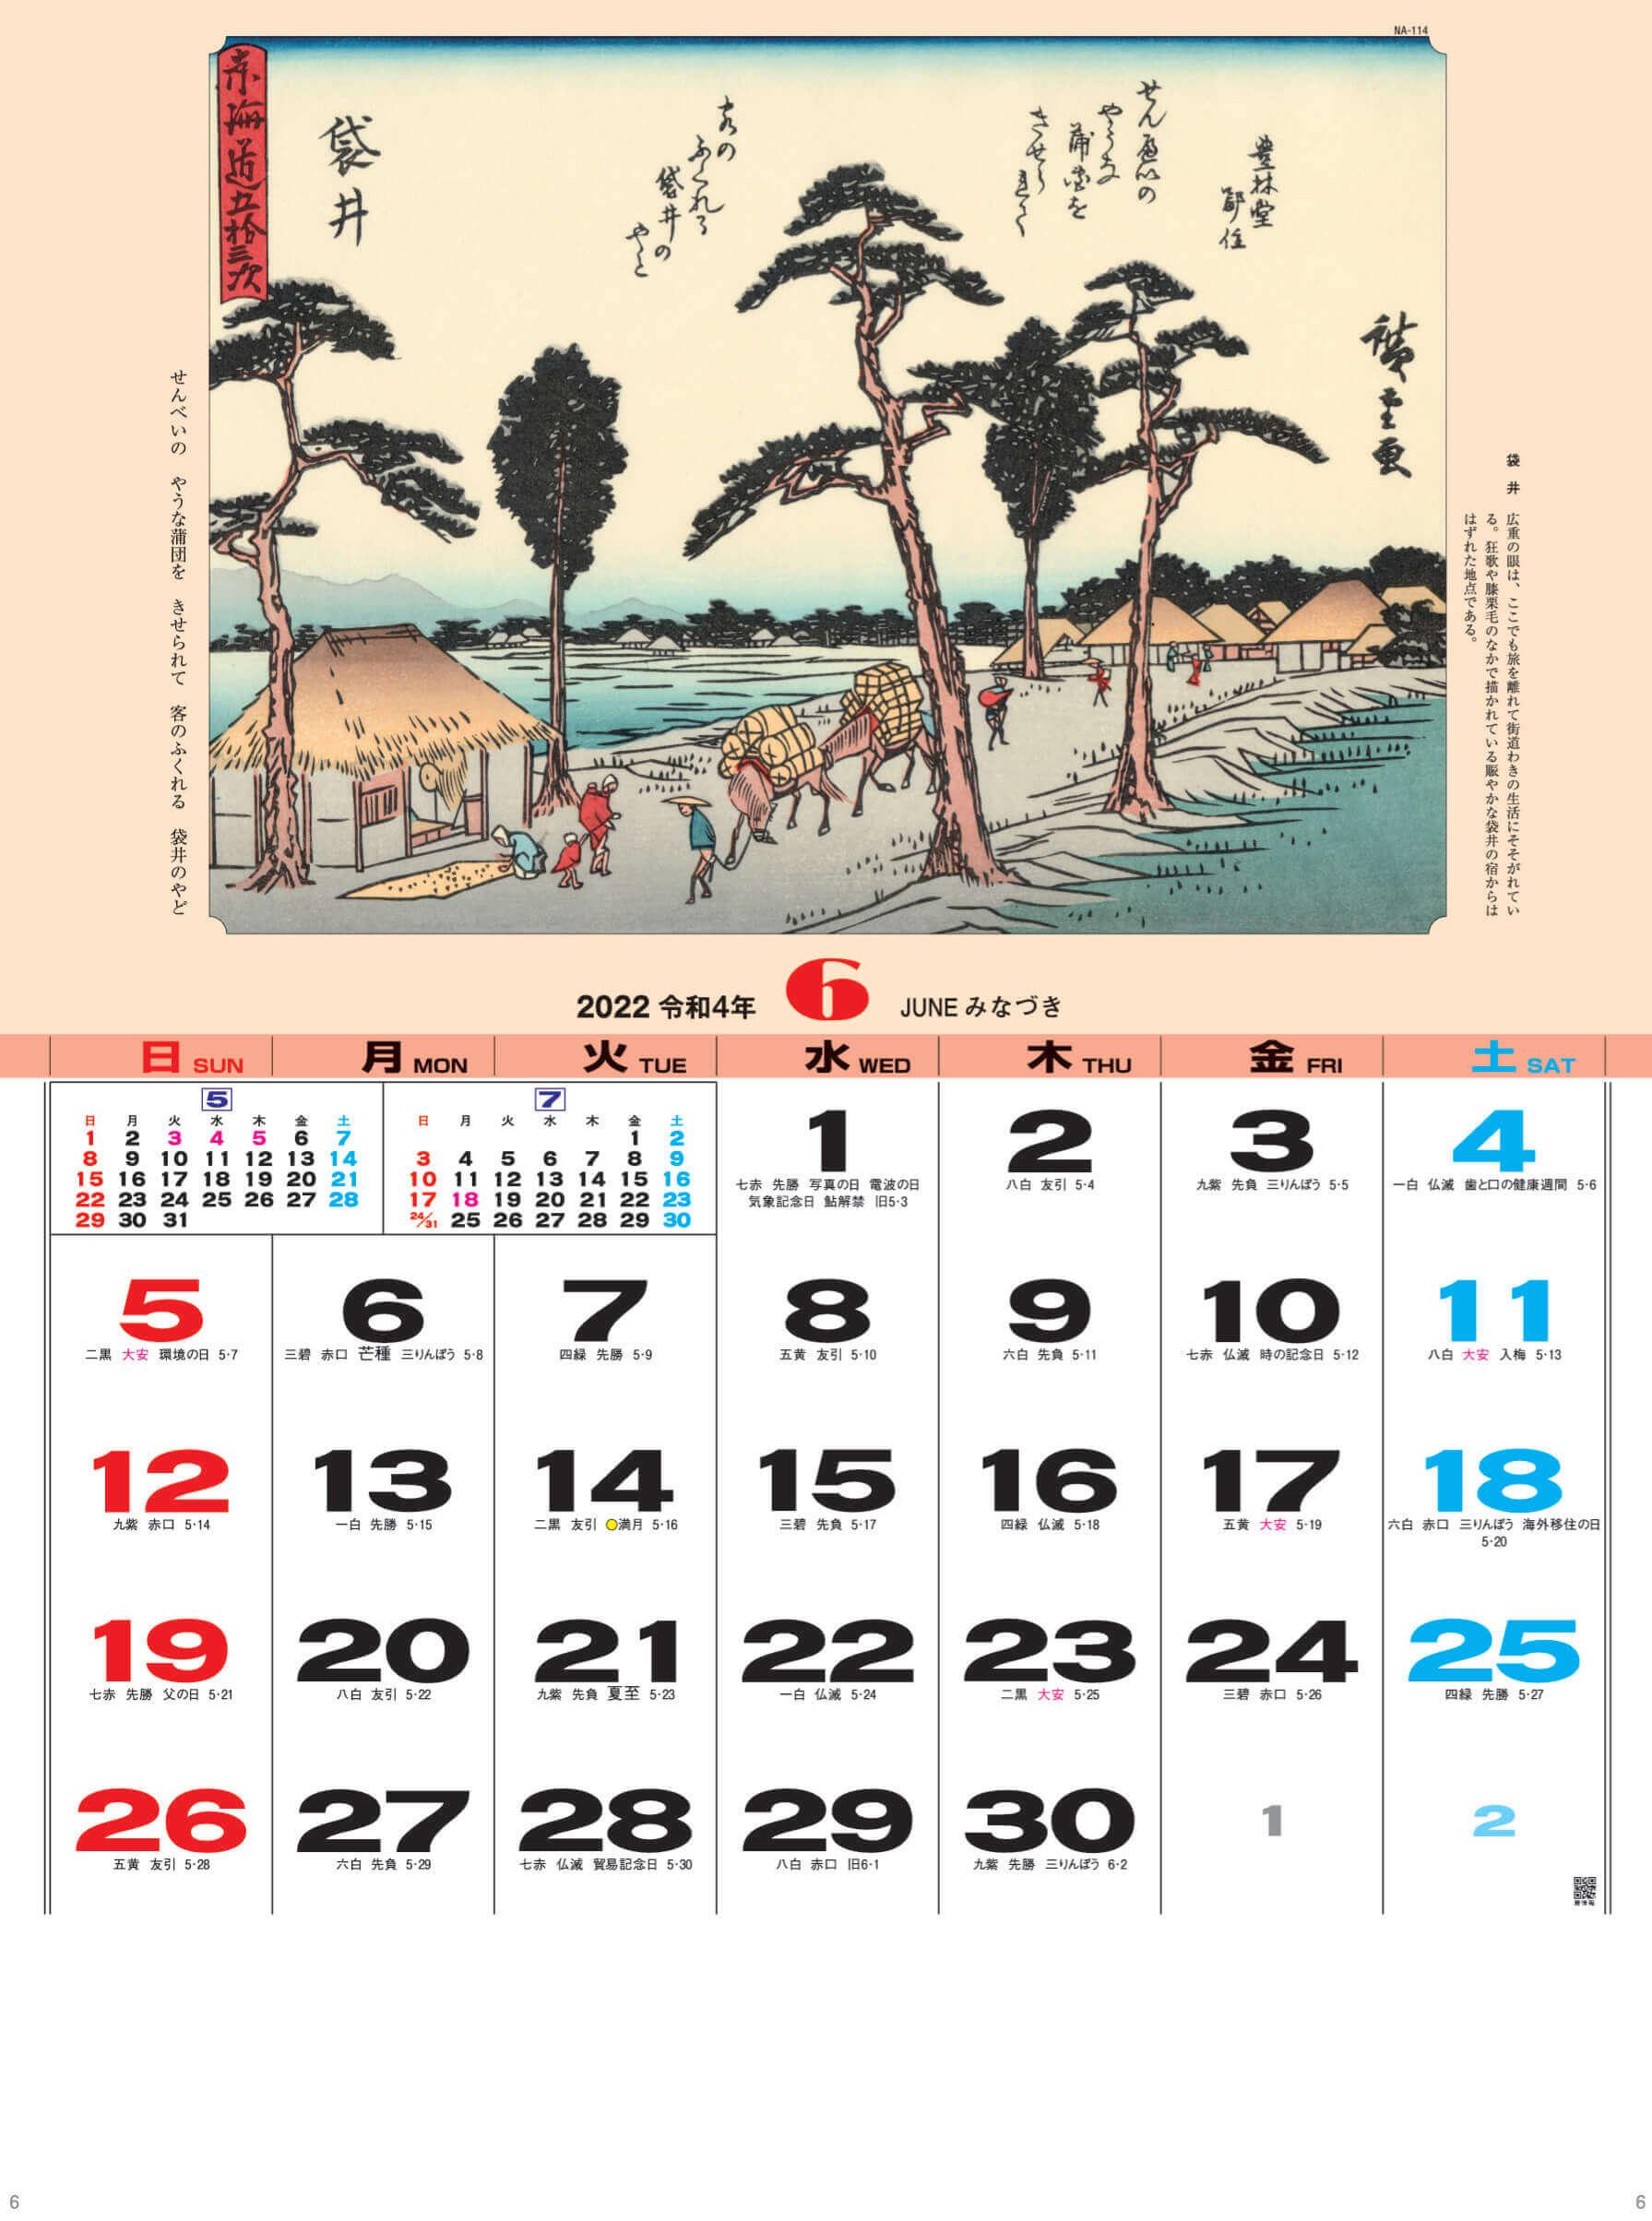 袋井 広重 東海道五十三次 2022年カレンダーの画像